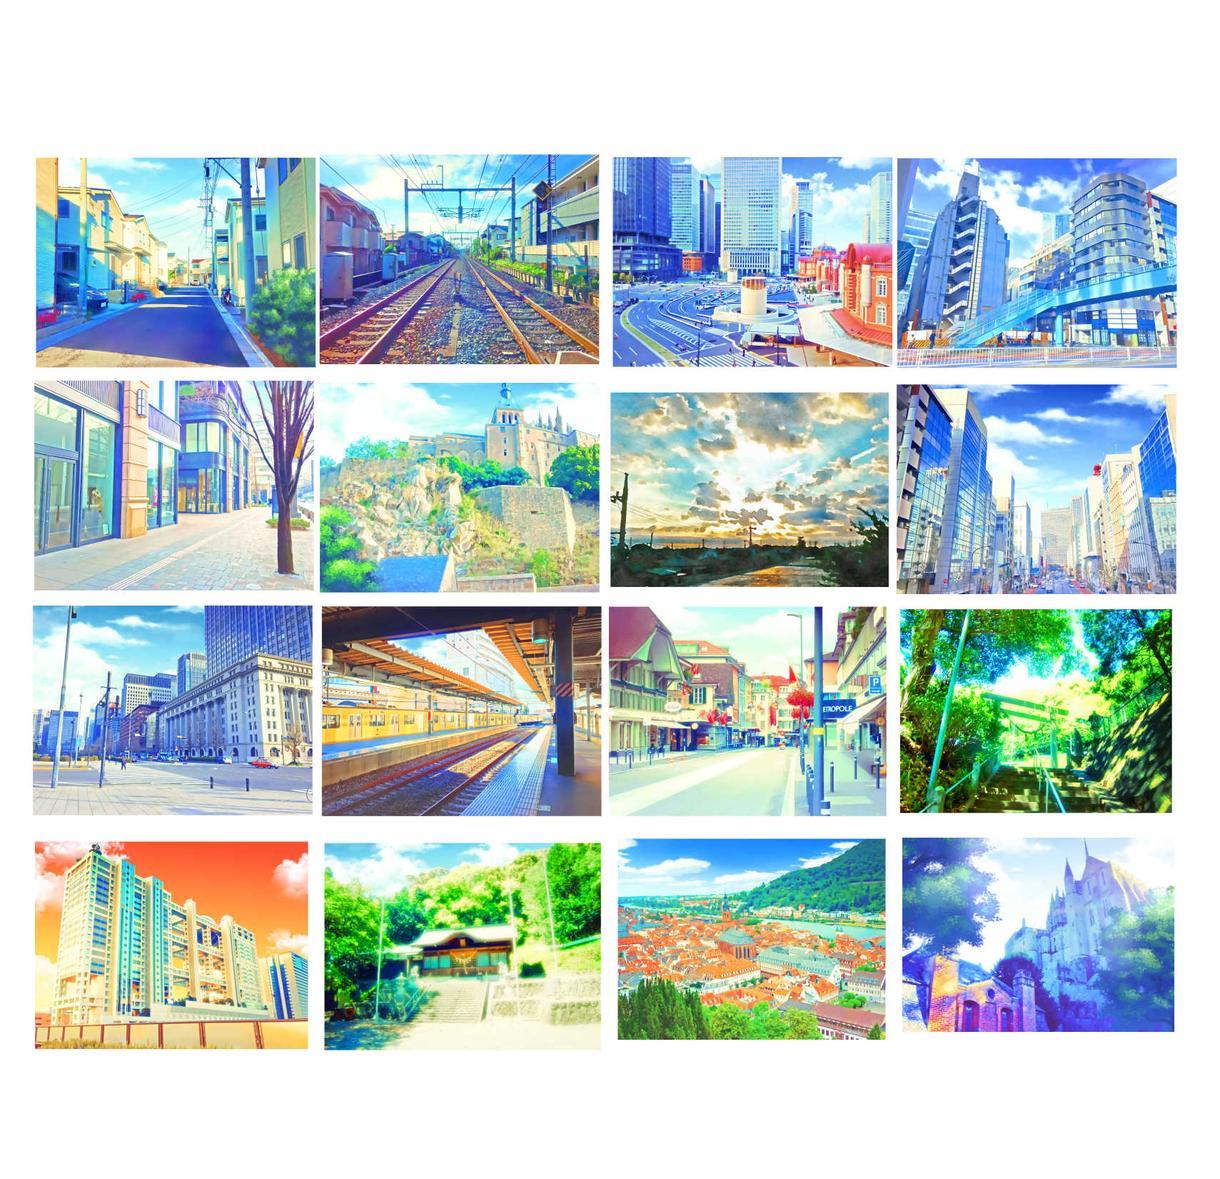 お手持ちの風景写真をアニメイラスト風に加工します 漫画やイラスト、ゲームなどの背景にいかがでしょうか?